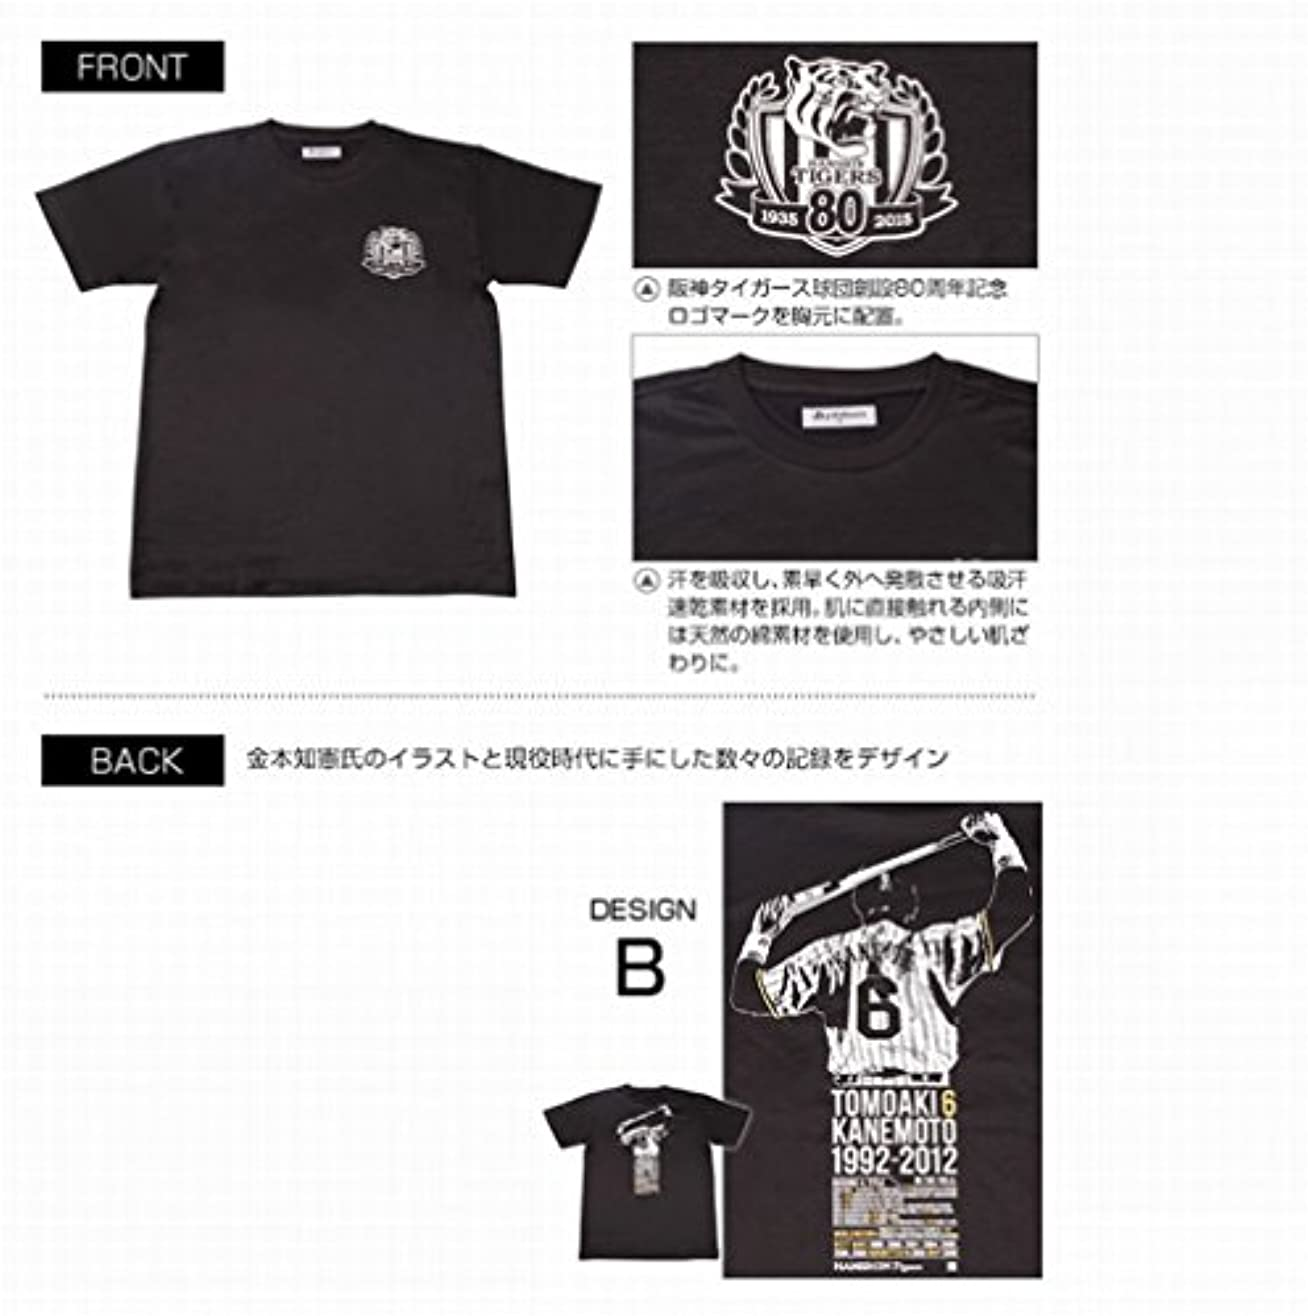 石膏より平らな扇動するファイテン  RAKUシャツ半袖 阪神タイガース創設80周年記念 金本モデルBタイプ Lサイズ